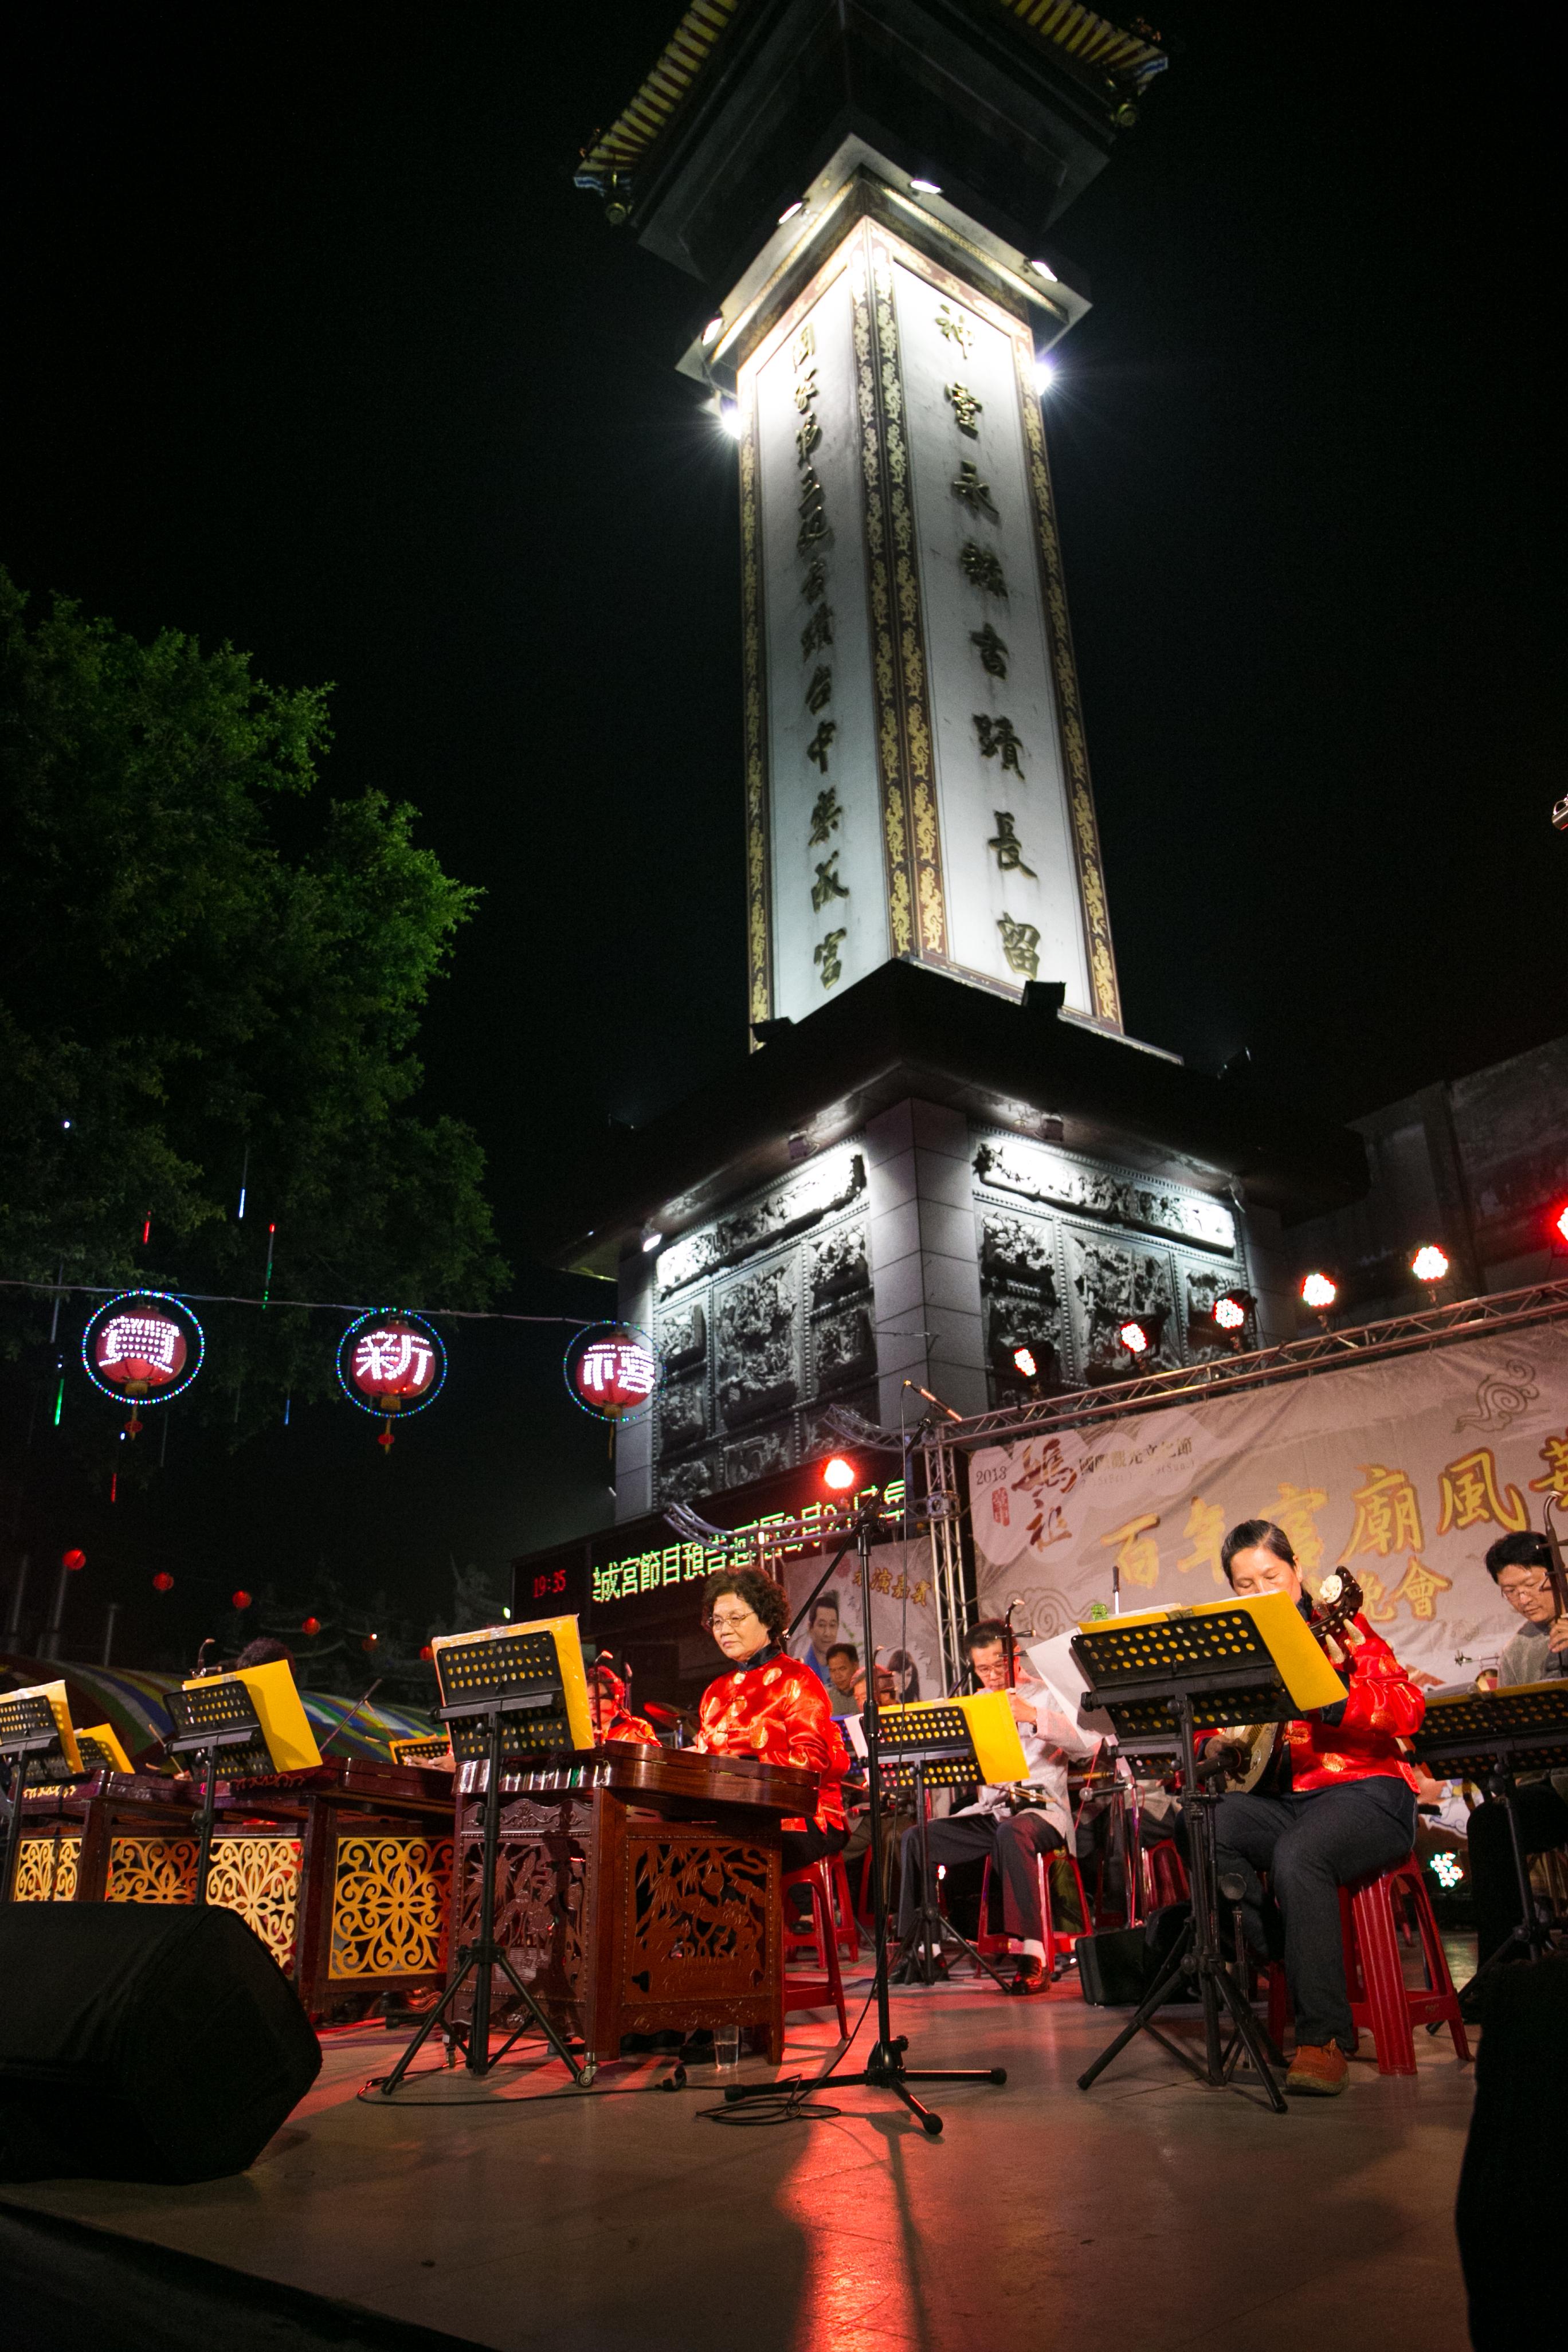 臺中媽祖國際觀光文化節在樂成宮,活動紀錄拍攝者台中婚錄張西米1